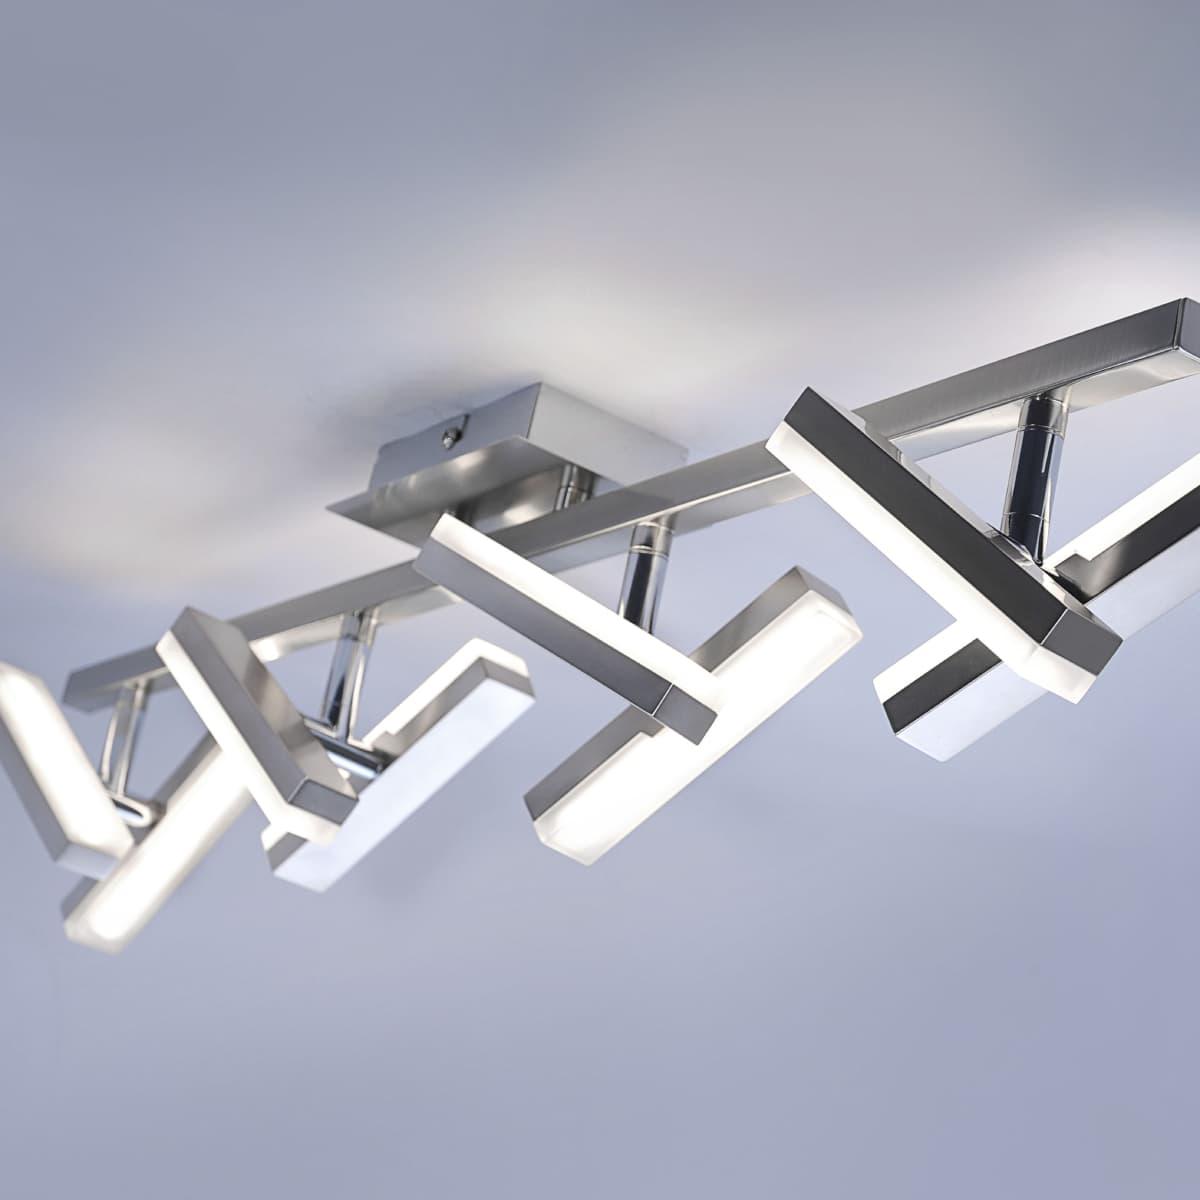 LED-Deckenleuchte in Stahl mit 8 verstellbaren Leuchtköpfen und warmweißer Lichtfarbe ist energiesparend